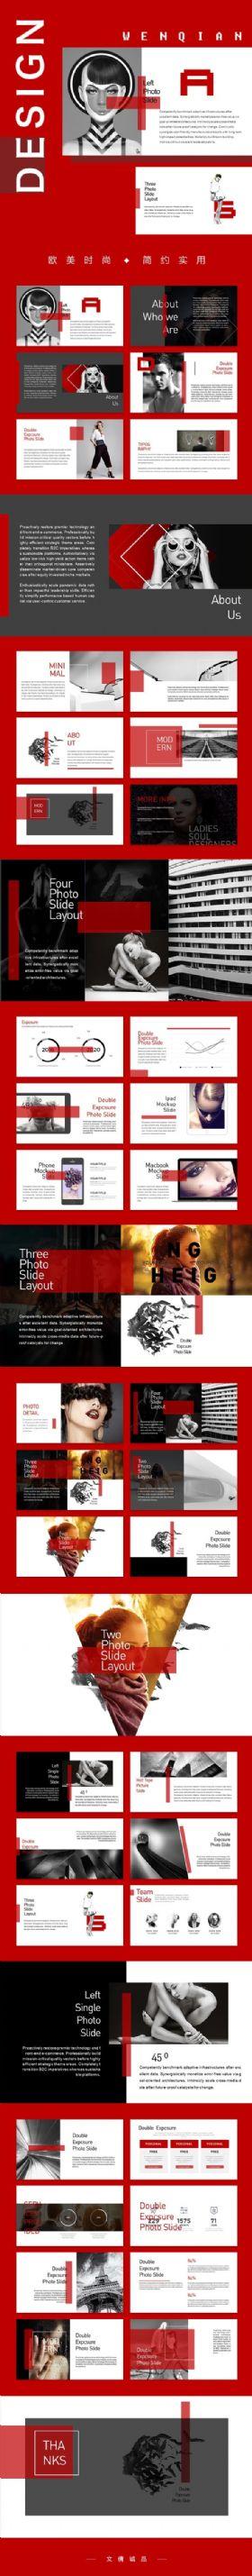 红色 时尚 创意动态PPT模板(可一键换图)